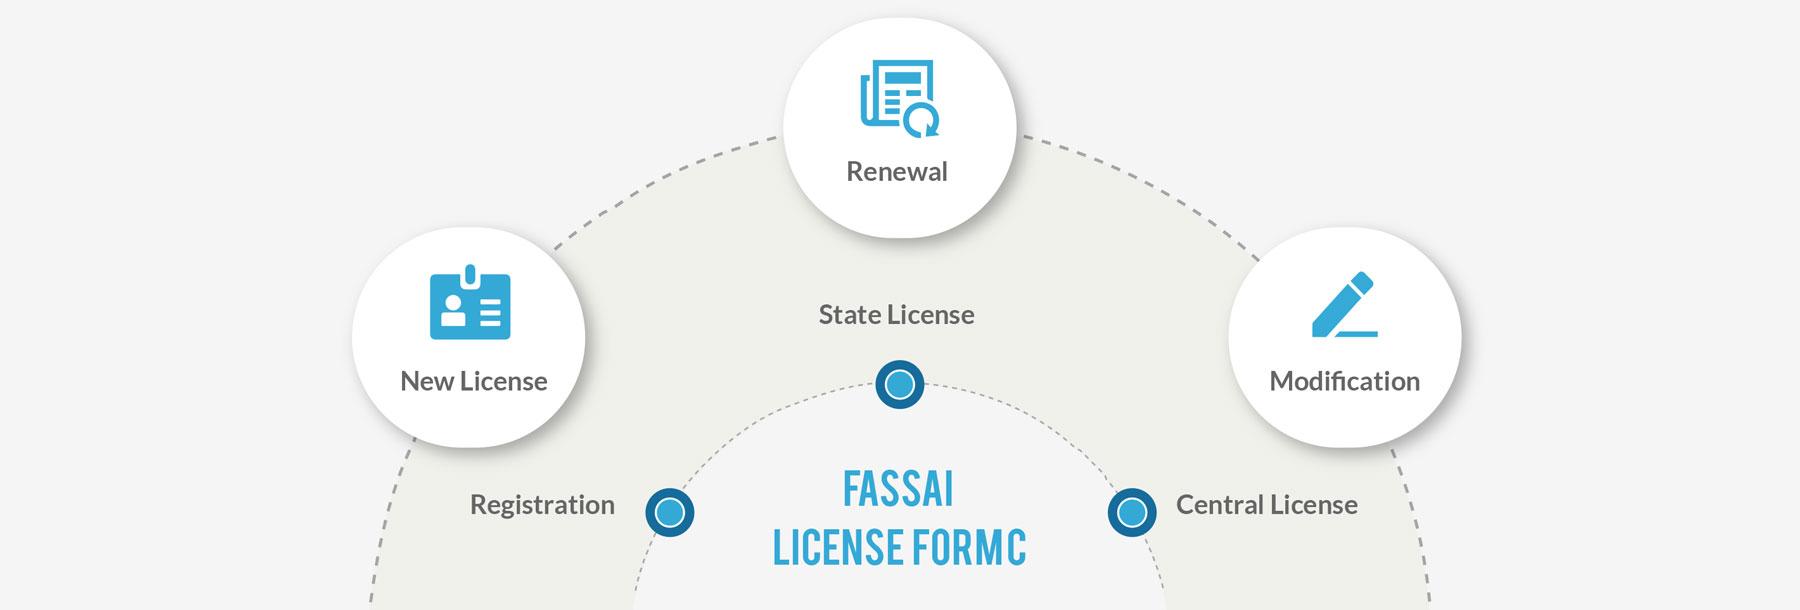 FSSAI License Form C - New License, Renewal & Modifications